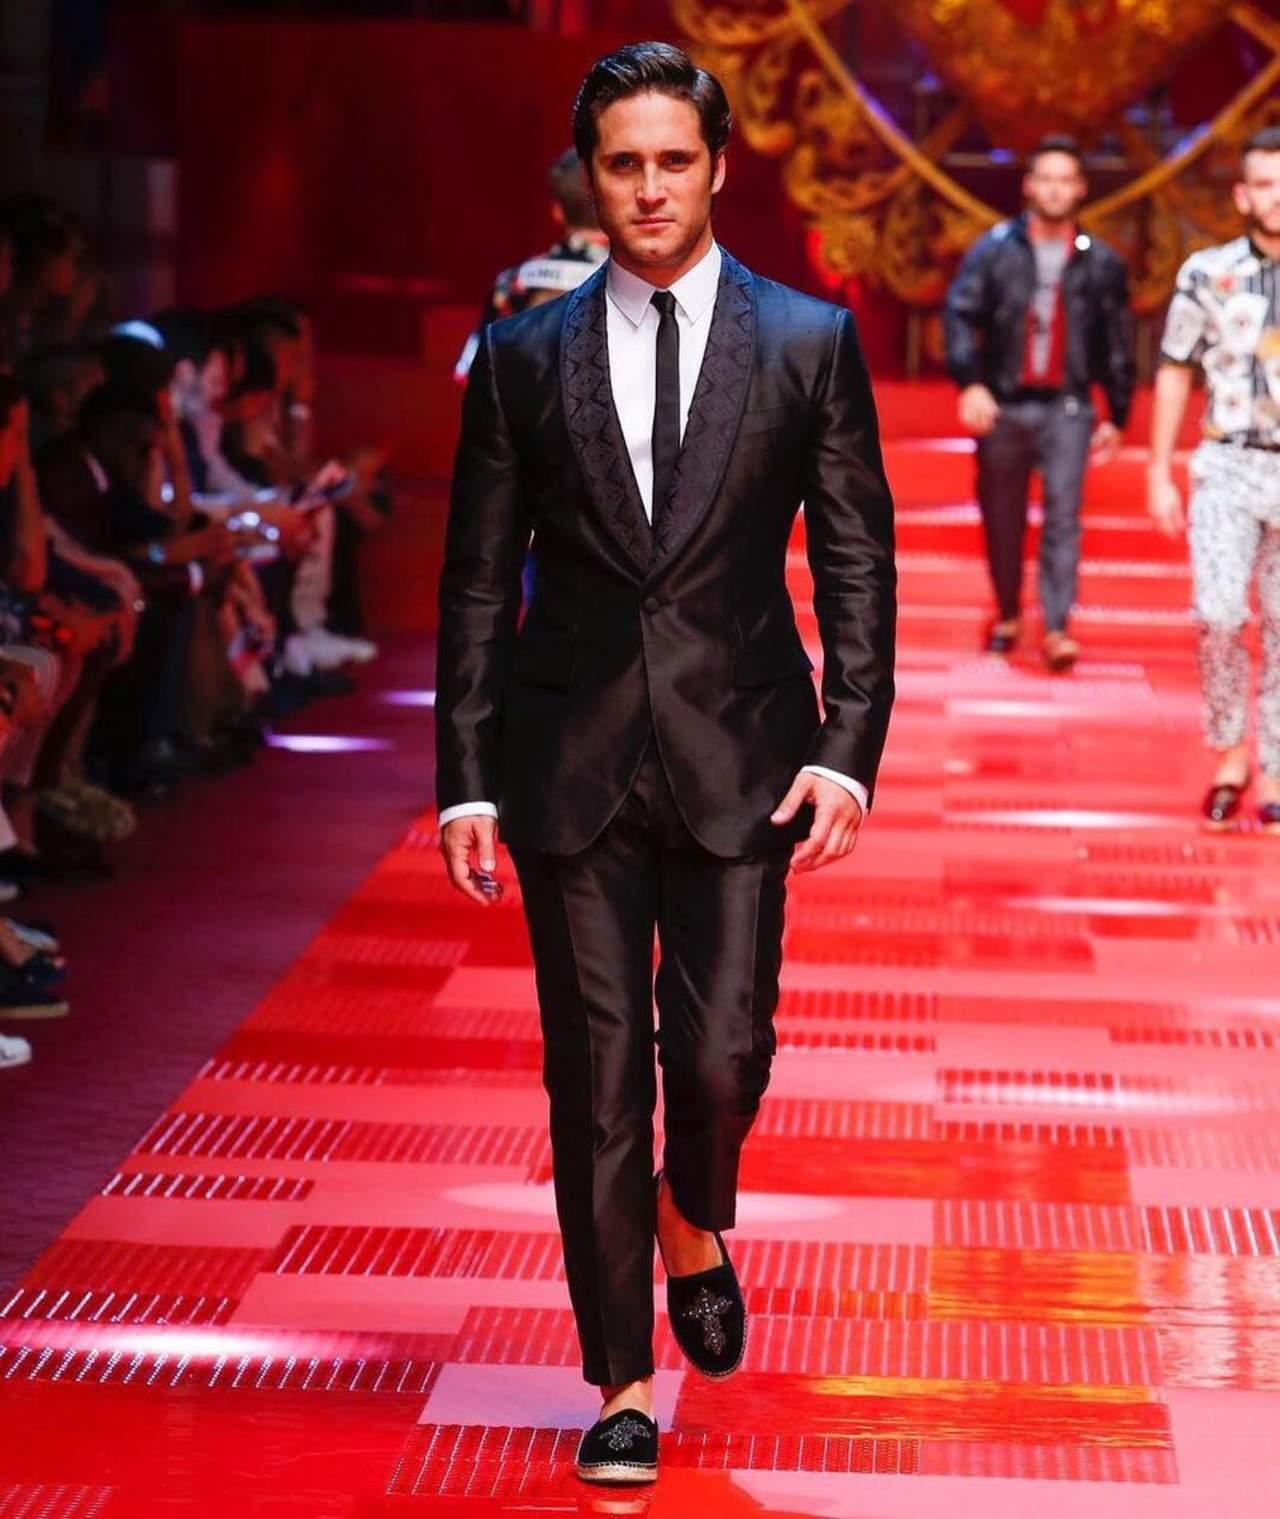 Diego Boneta participa en desfile de modas en Milán